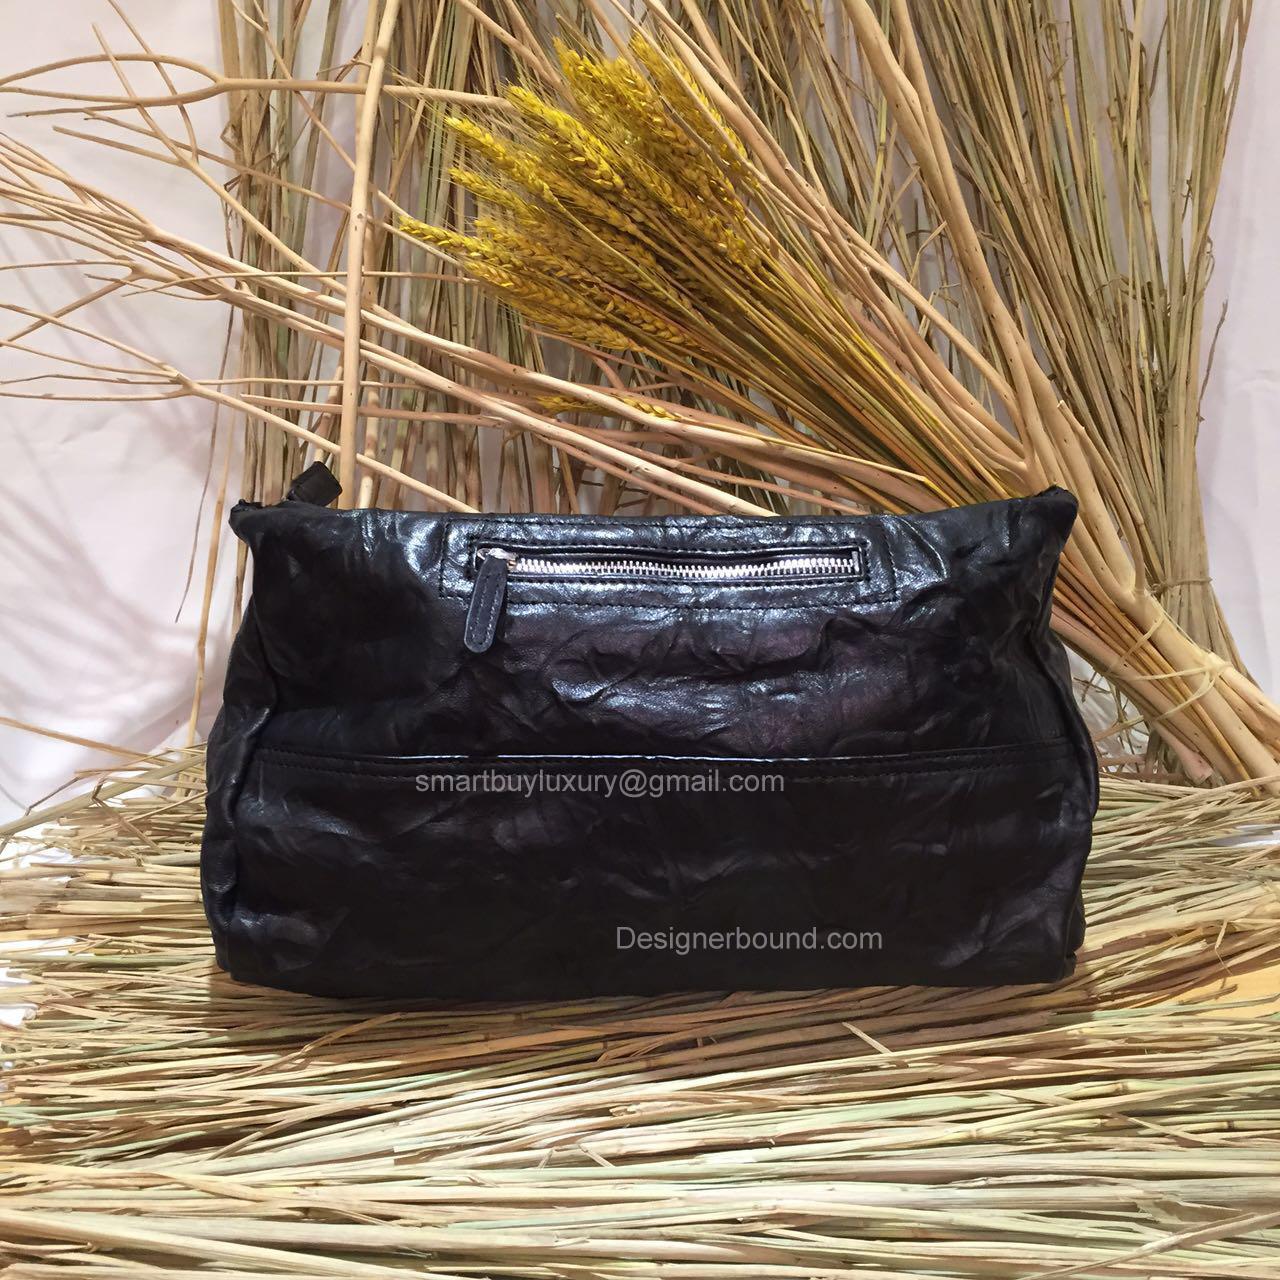 e3d60ca3e6e0 Givenchy Large Pandora Black Bag with Pony Hair 285165 -